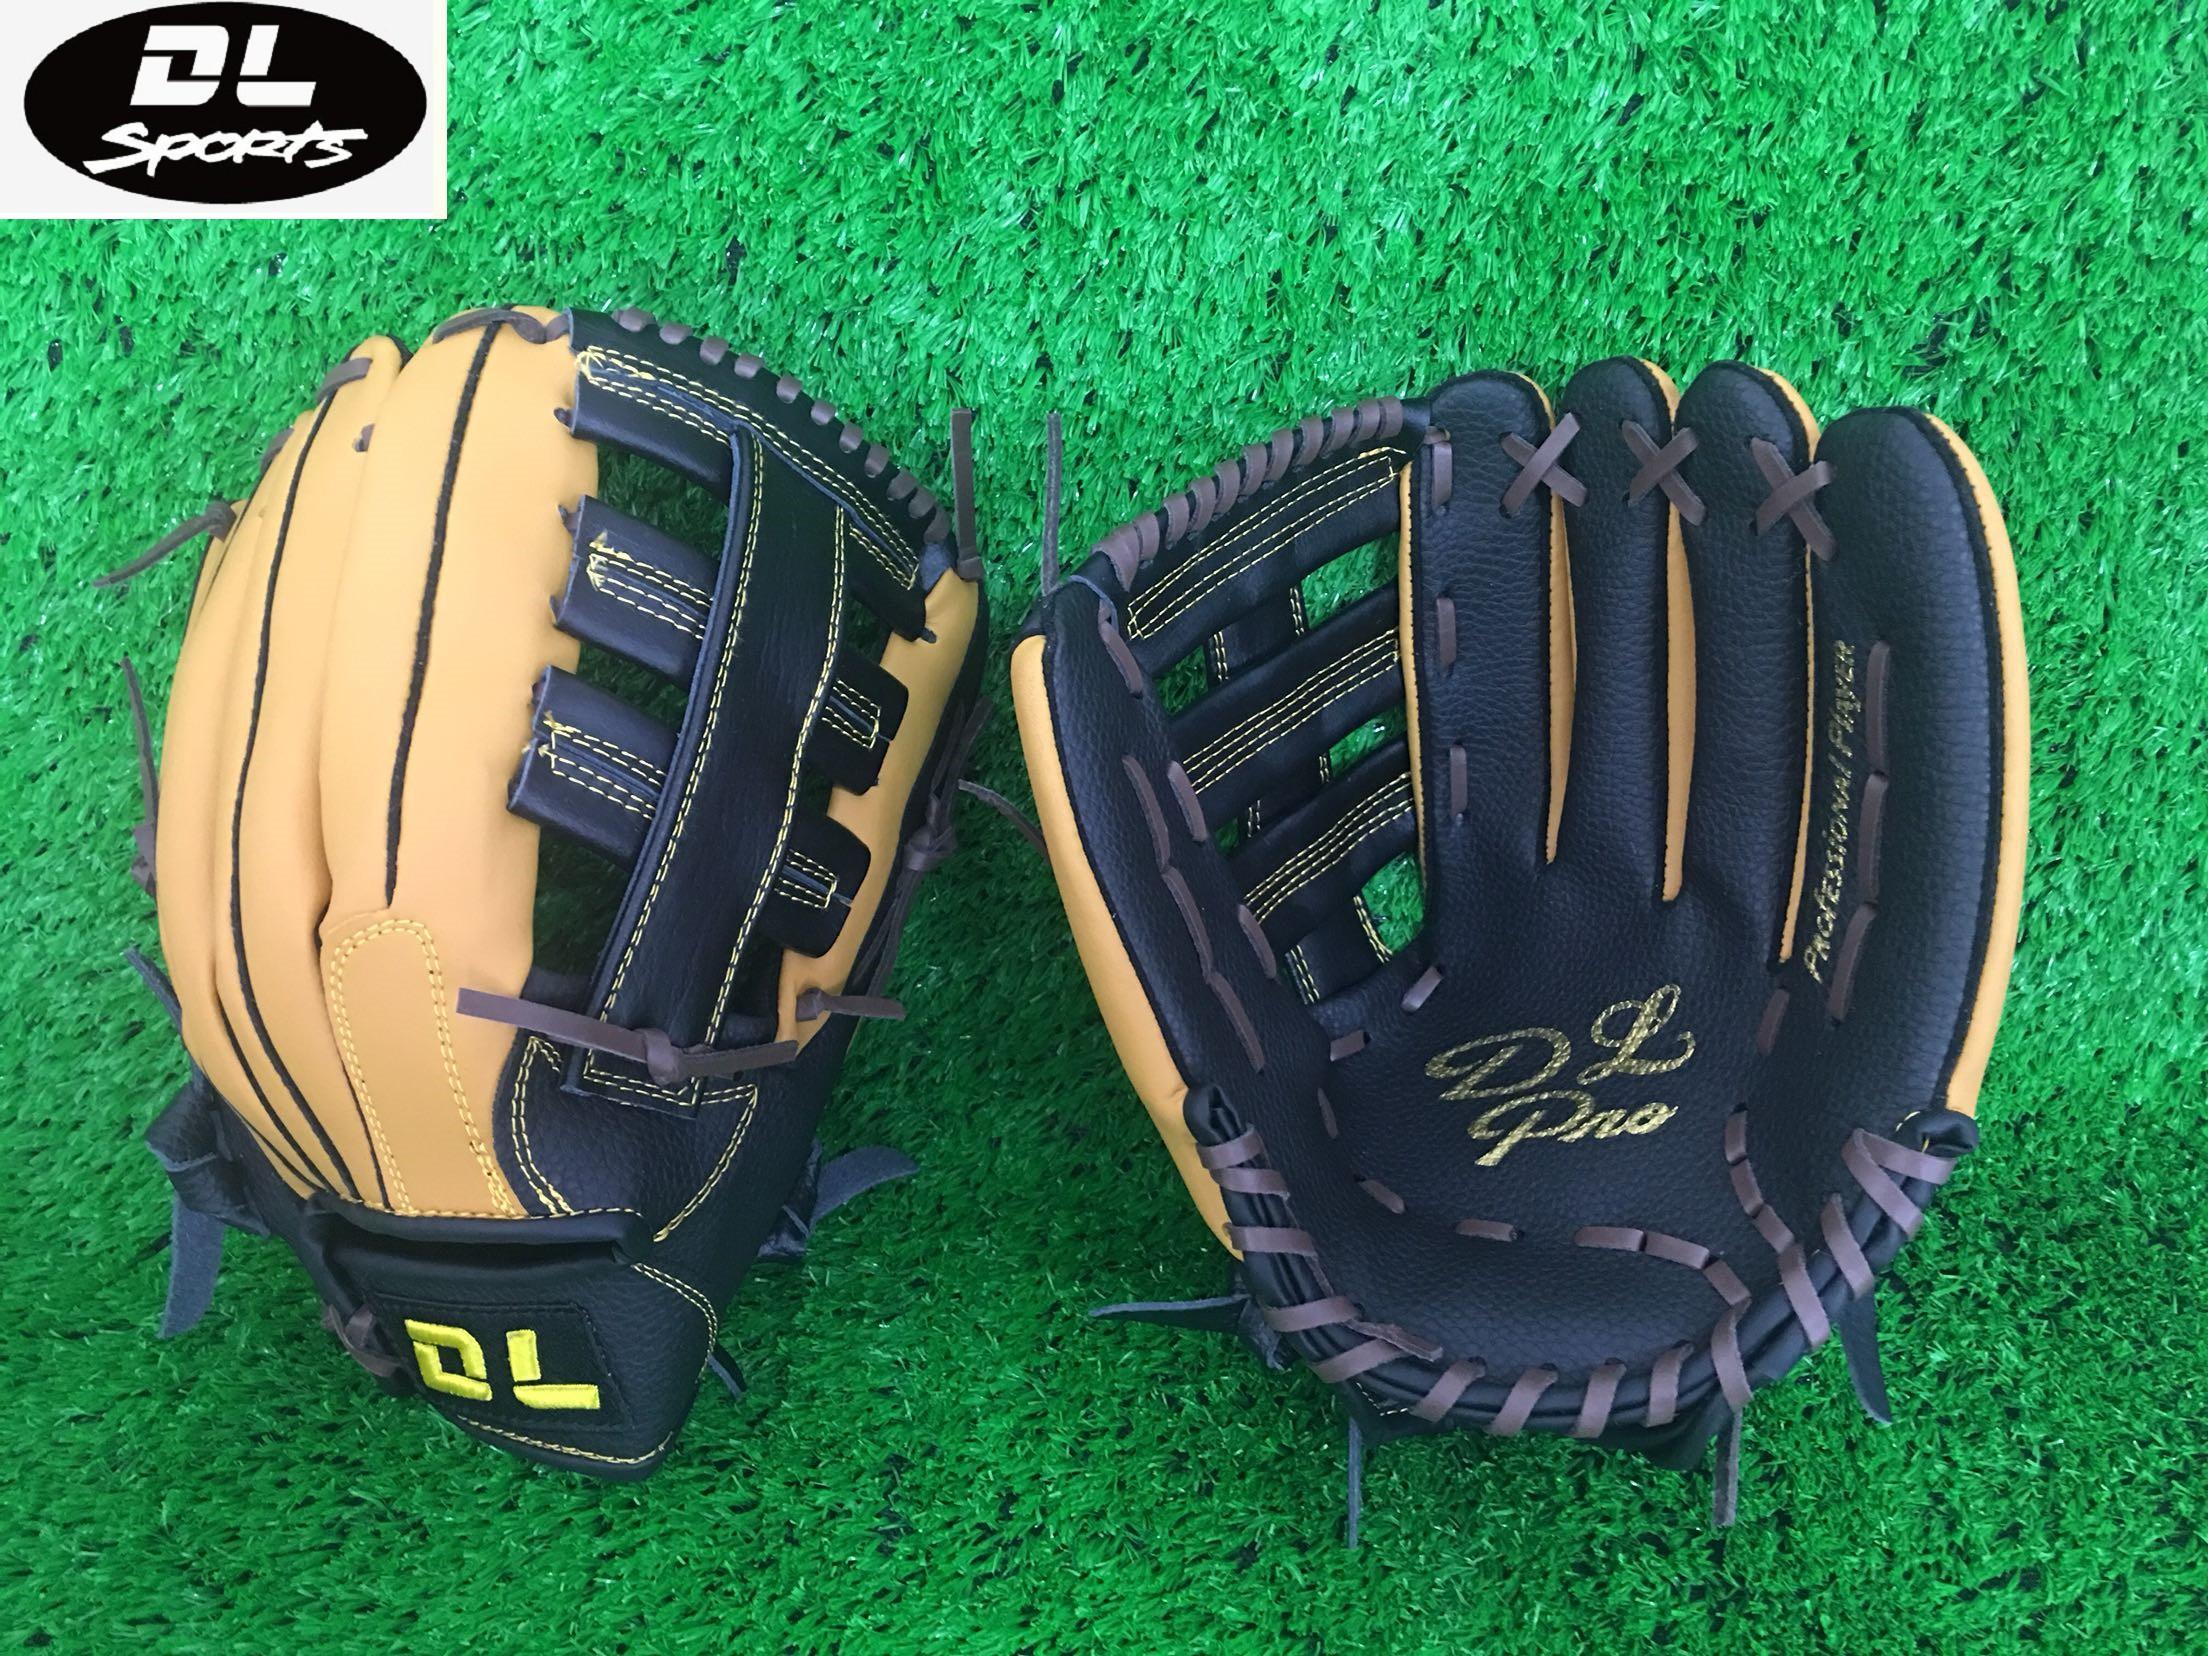 Бейсбол душа DL новый император дракон половина воловья кожа бейсбол перчатки фиксированный Цена 150 для взрослых молодежь обучение использование новые товары